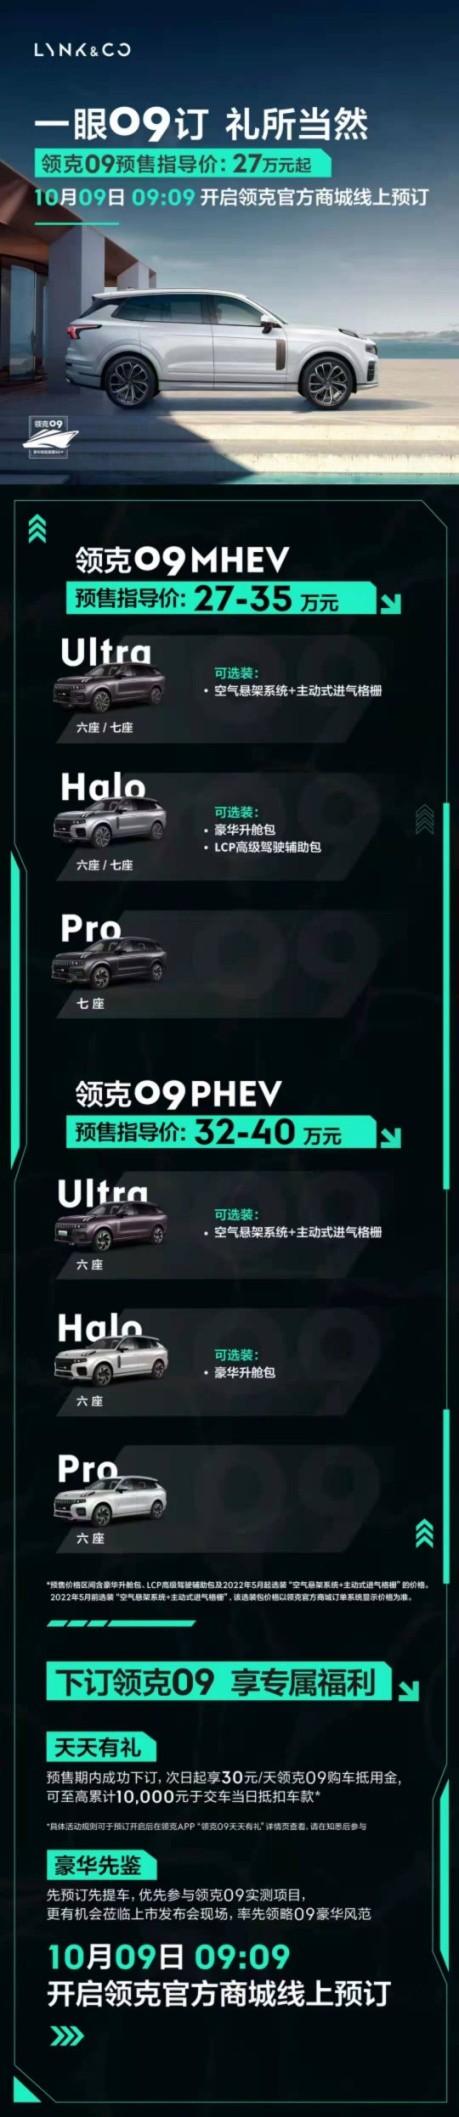 领克09首台用户智选配置量产车正式下线,同步公布预售